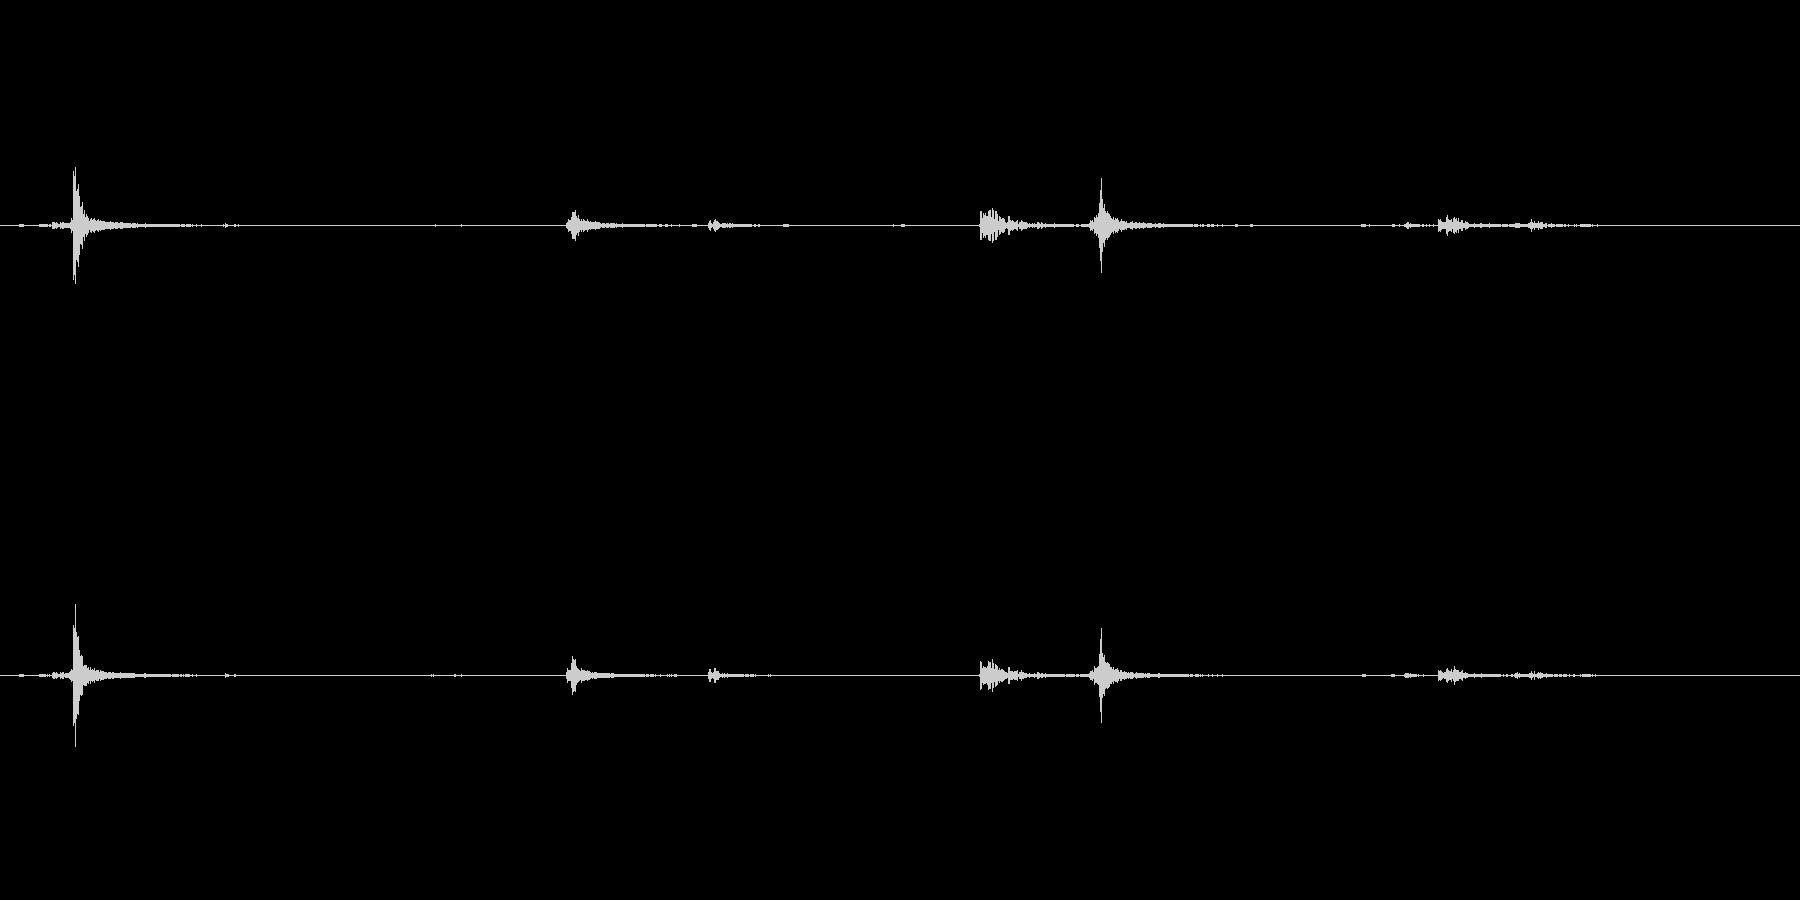 カチャ(トイレの鍵の音)の未再生の波形